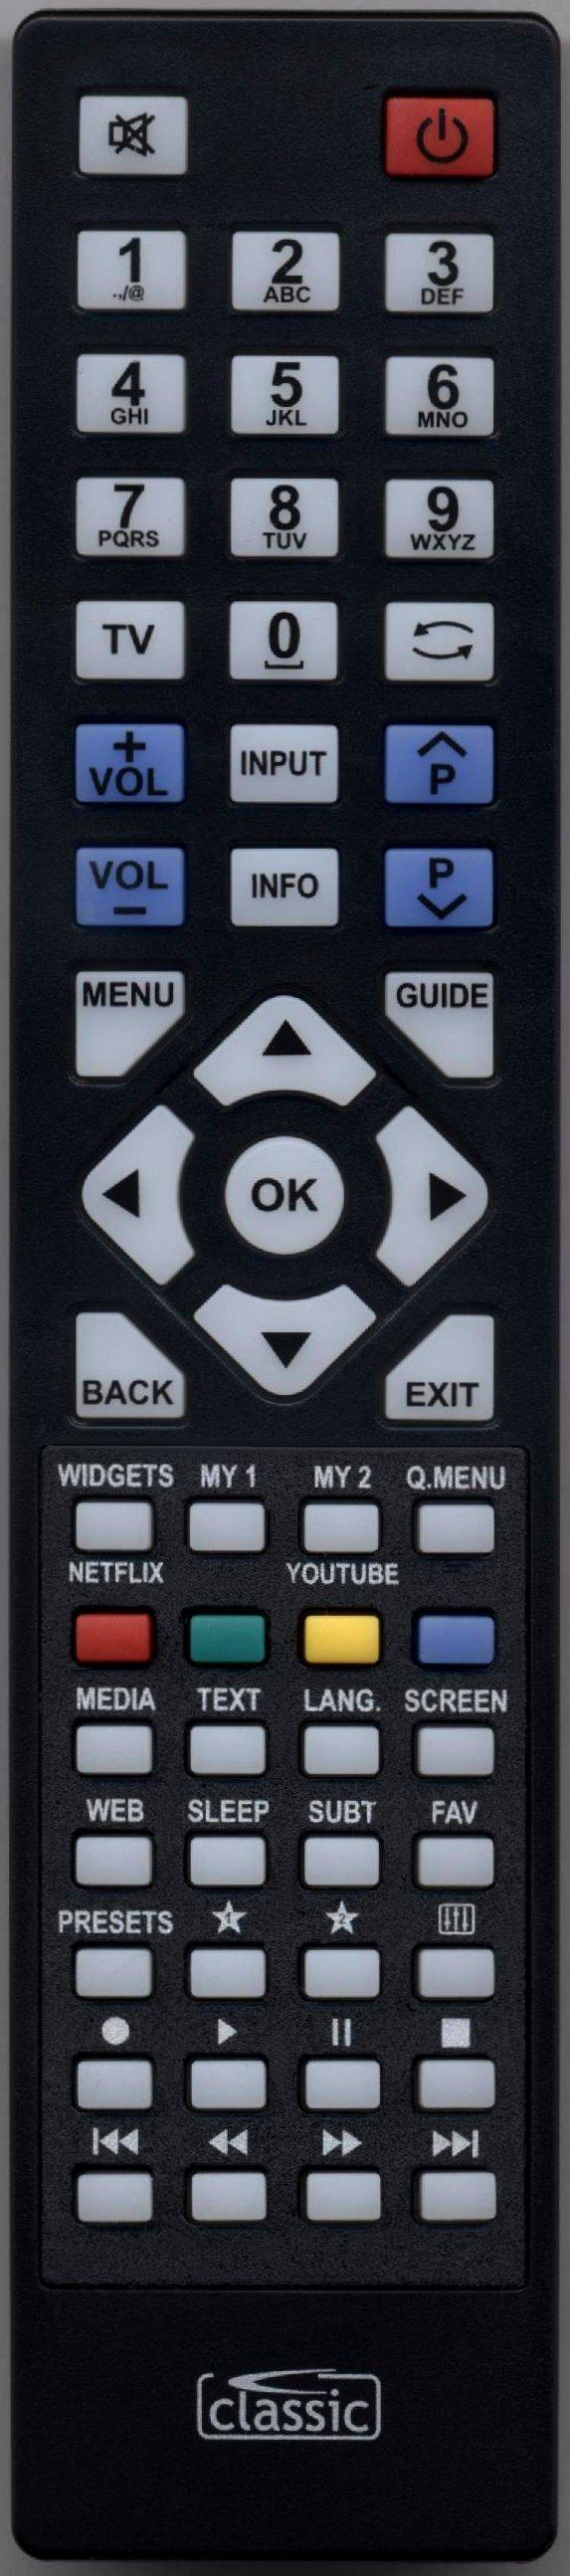 LUXOR LUX0142001/01 Remote Control Alternative